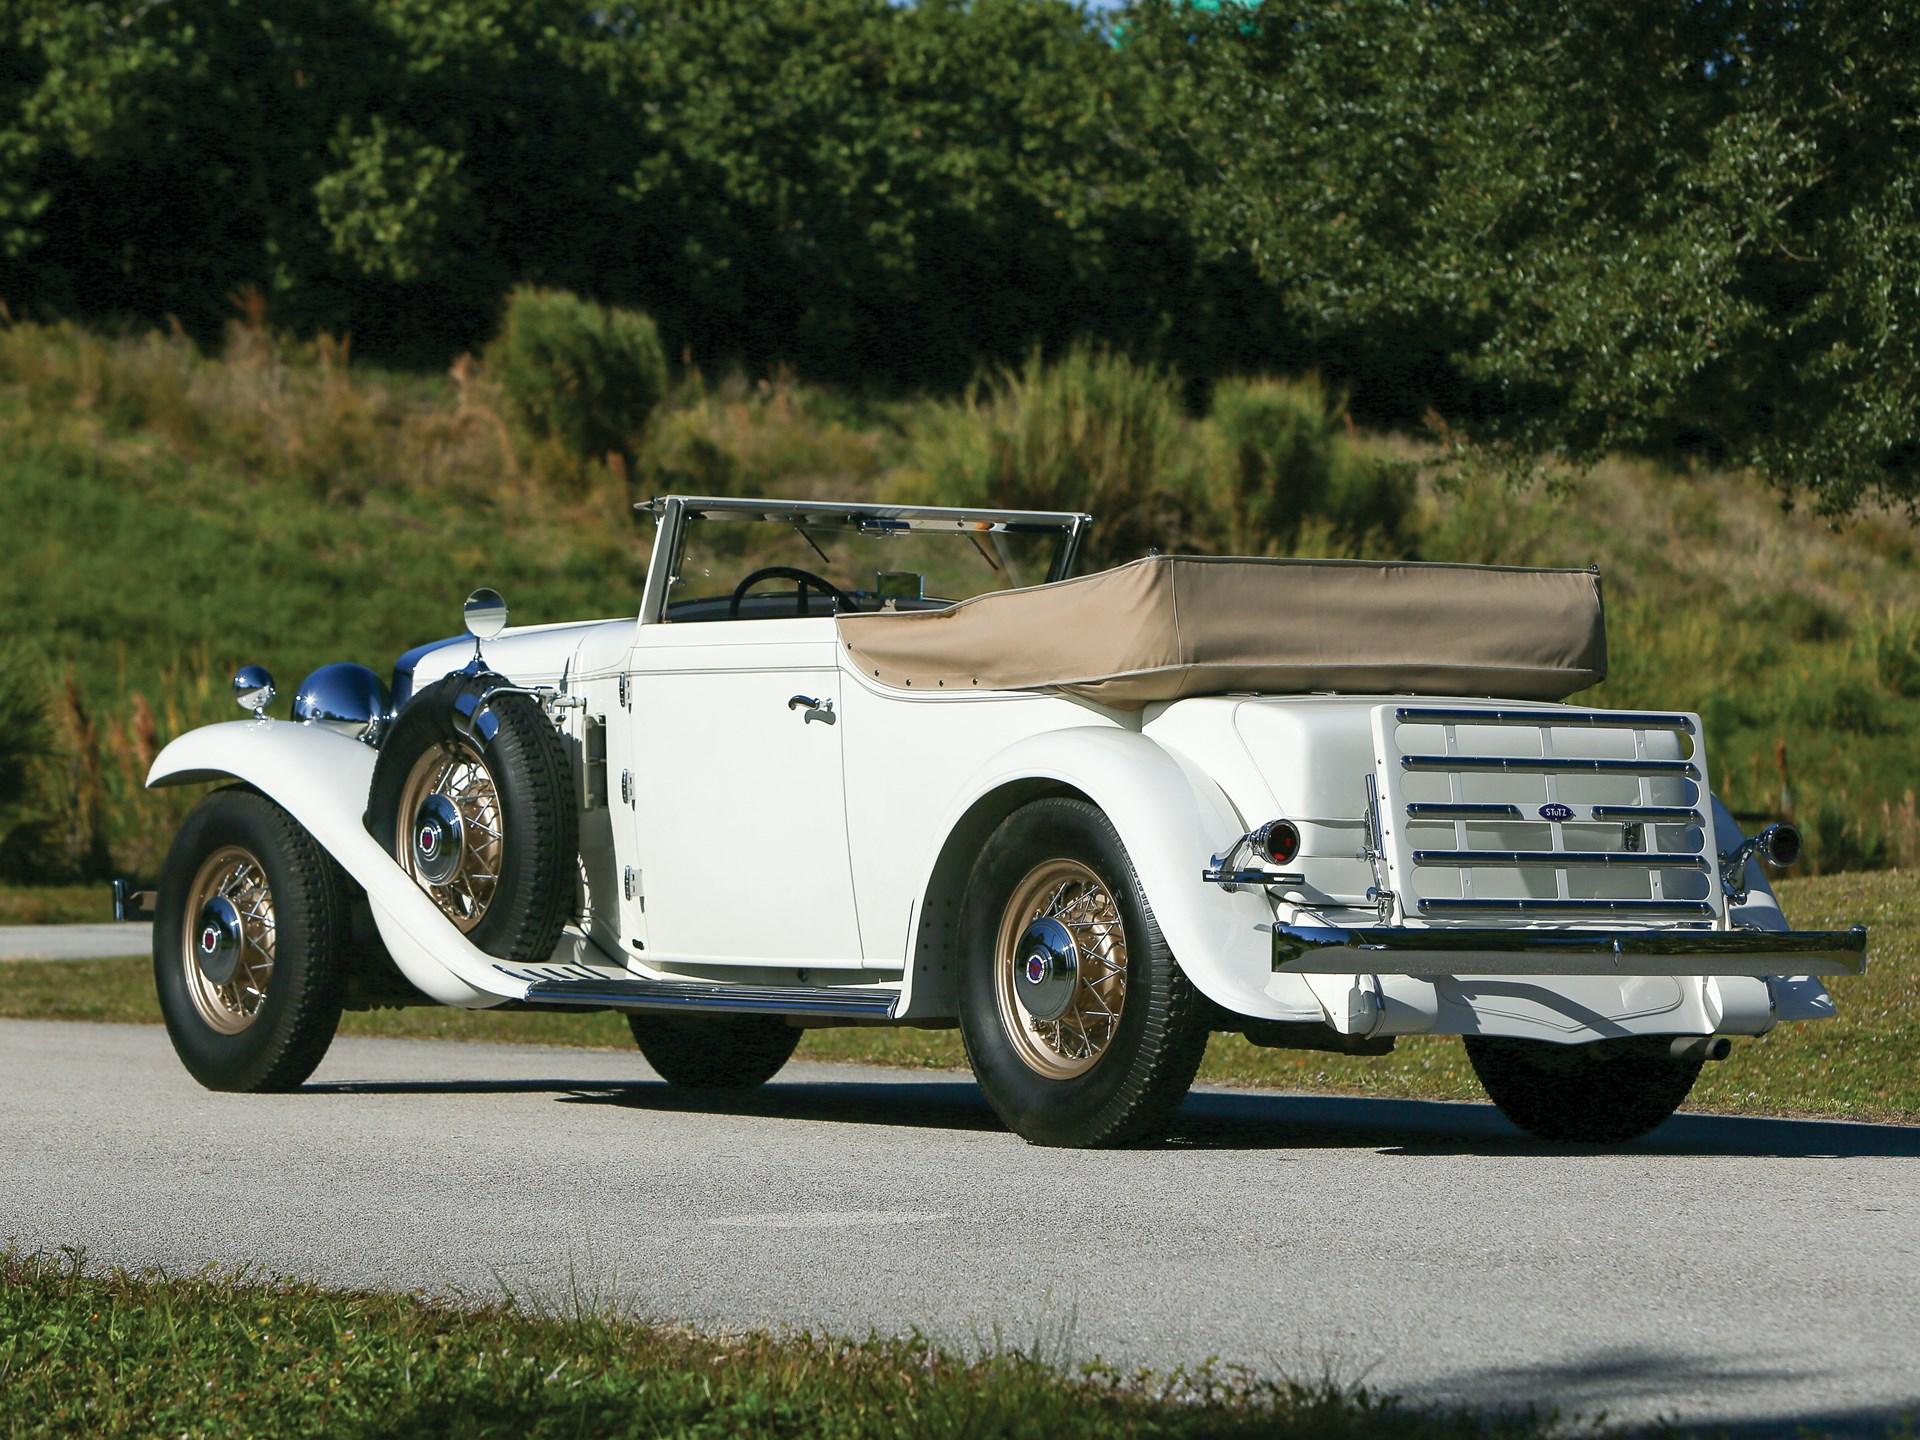 1932 Stutz DV-32 Convertible Victoria by Rollston